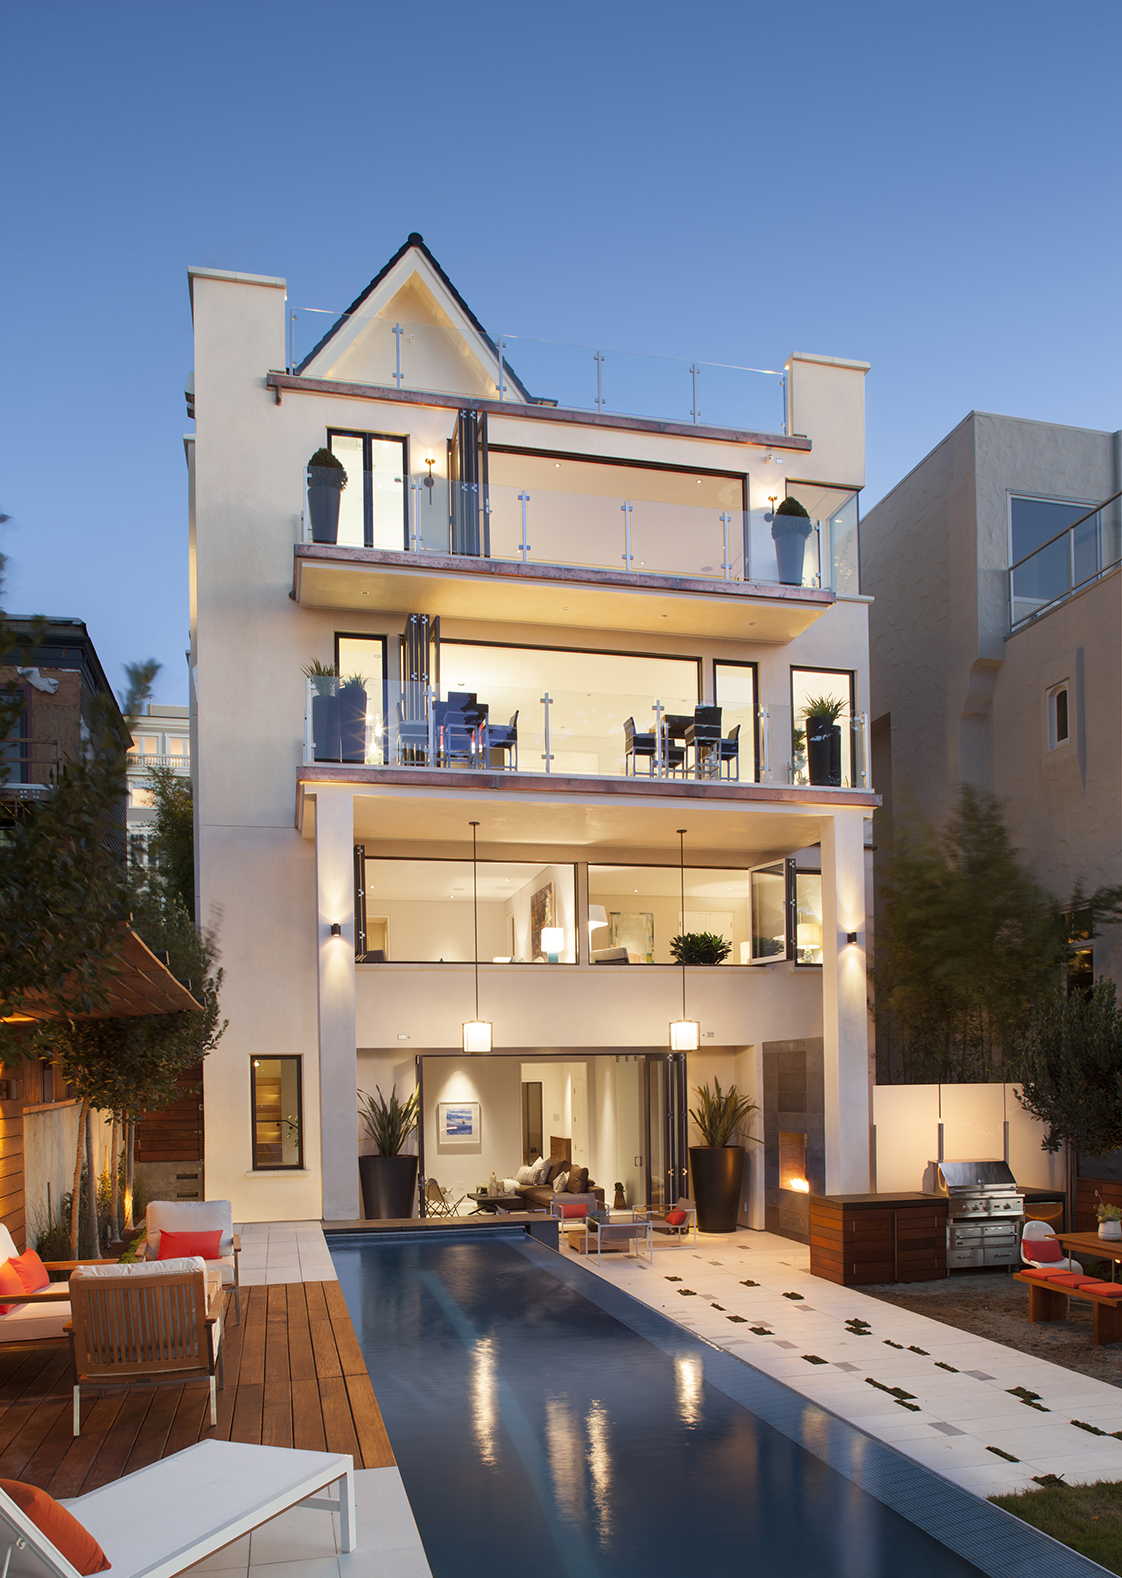 Residence 2750 open rear facade